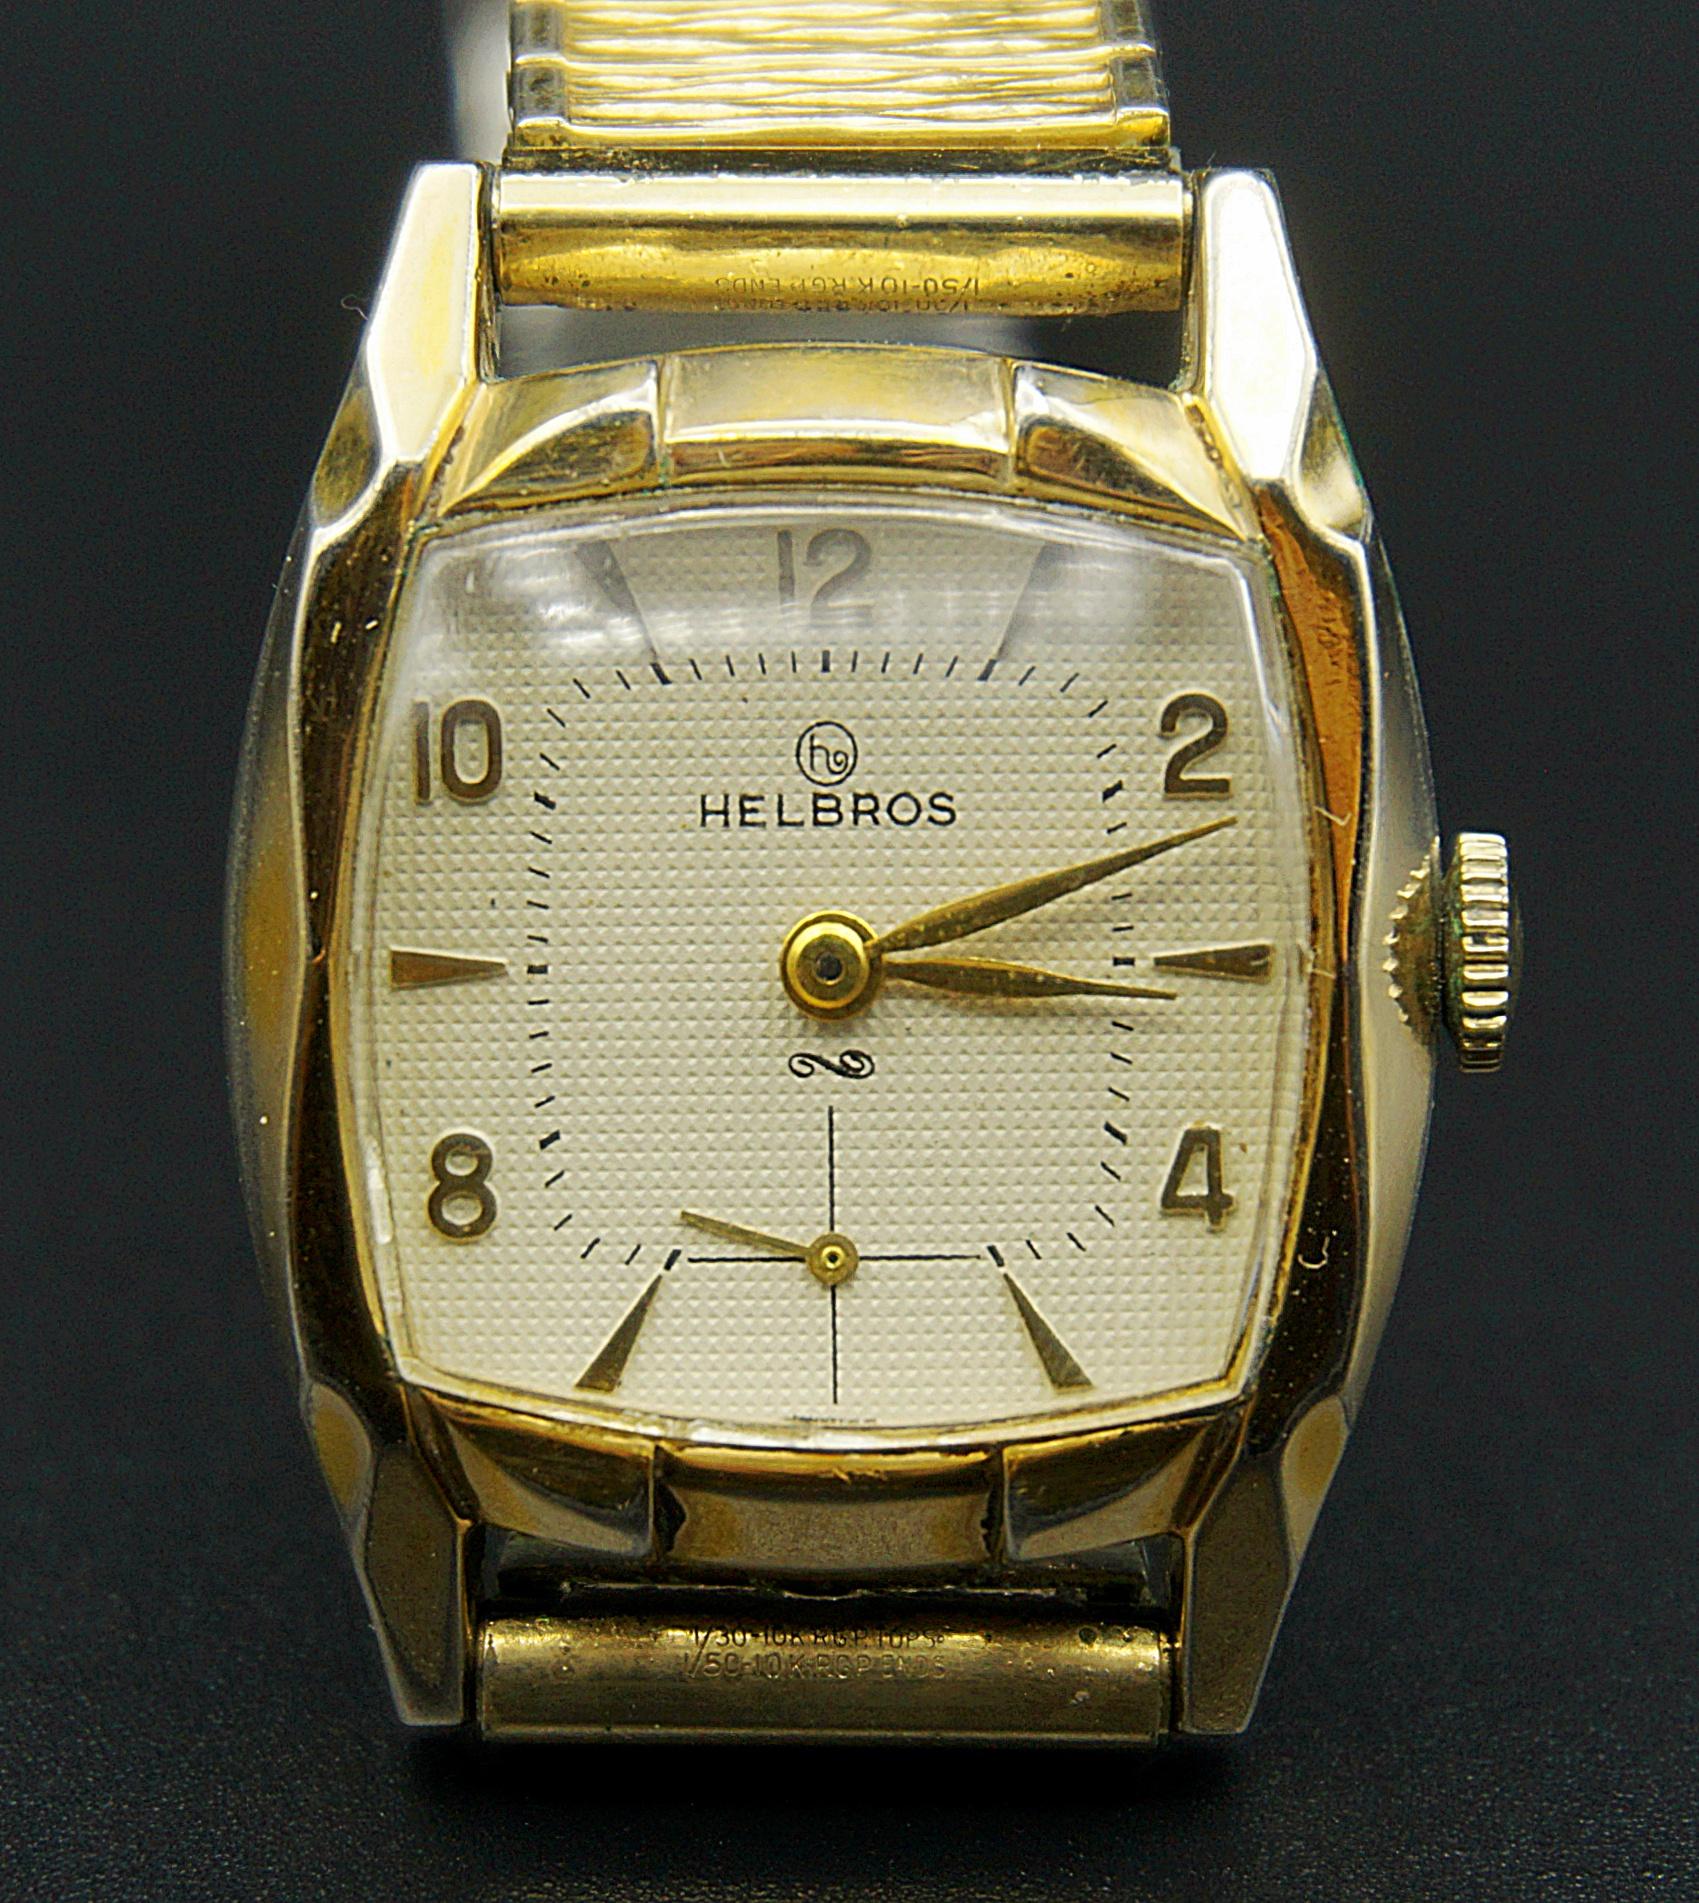 นาฬิกาเก่า HELBROS ไขลานสองเข็มครึ่ง